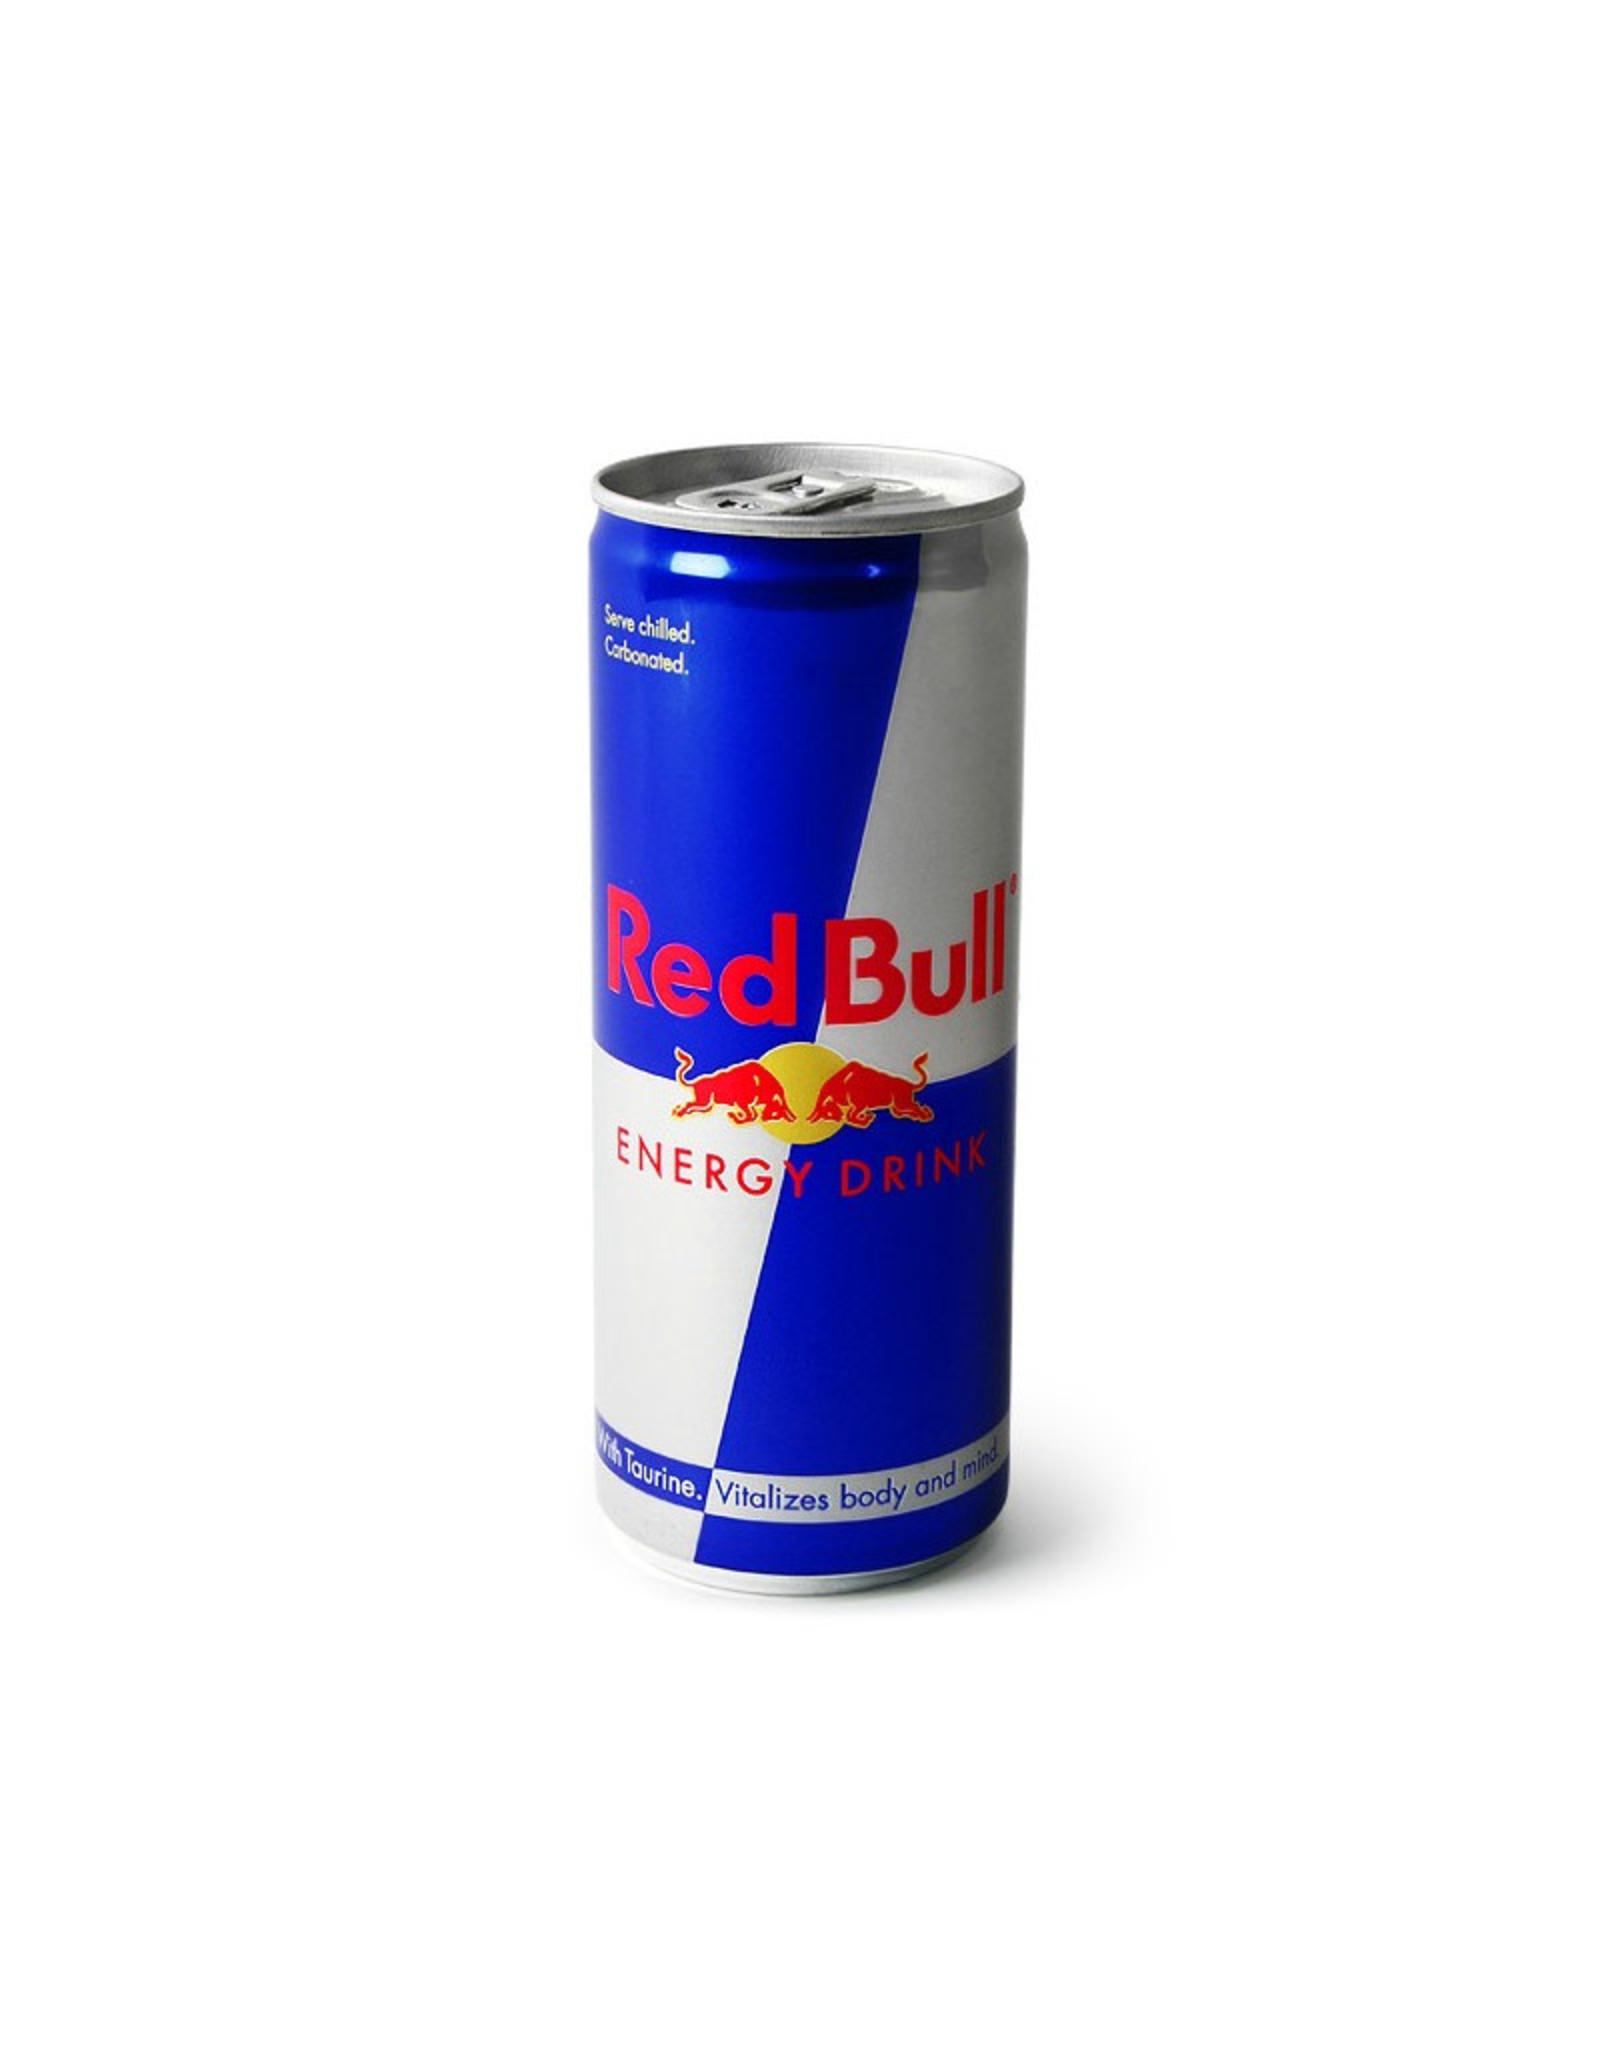 Red Bull Redbull